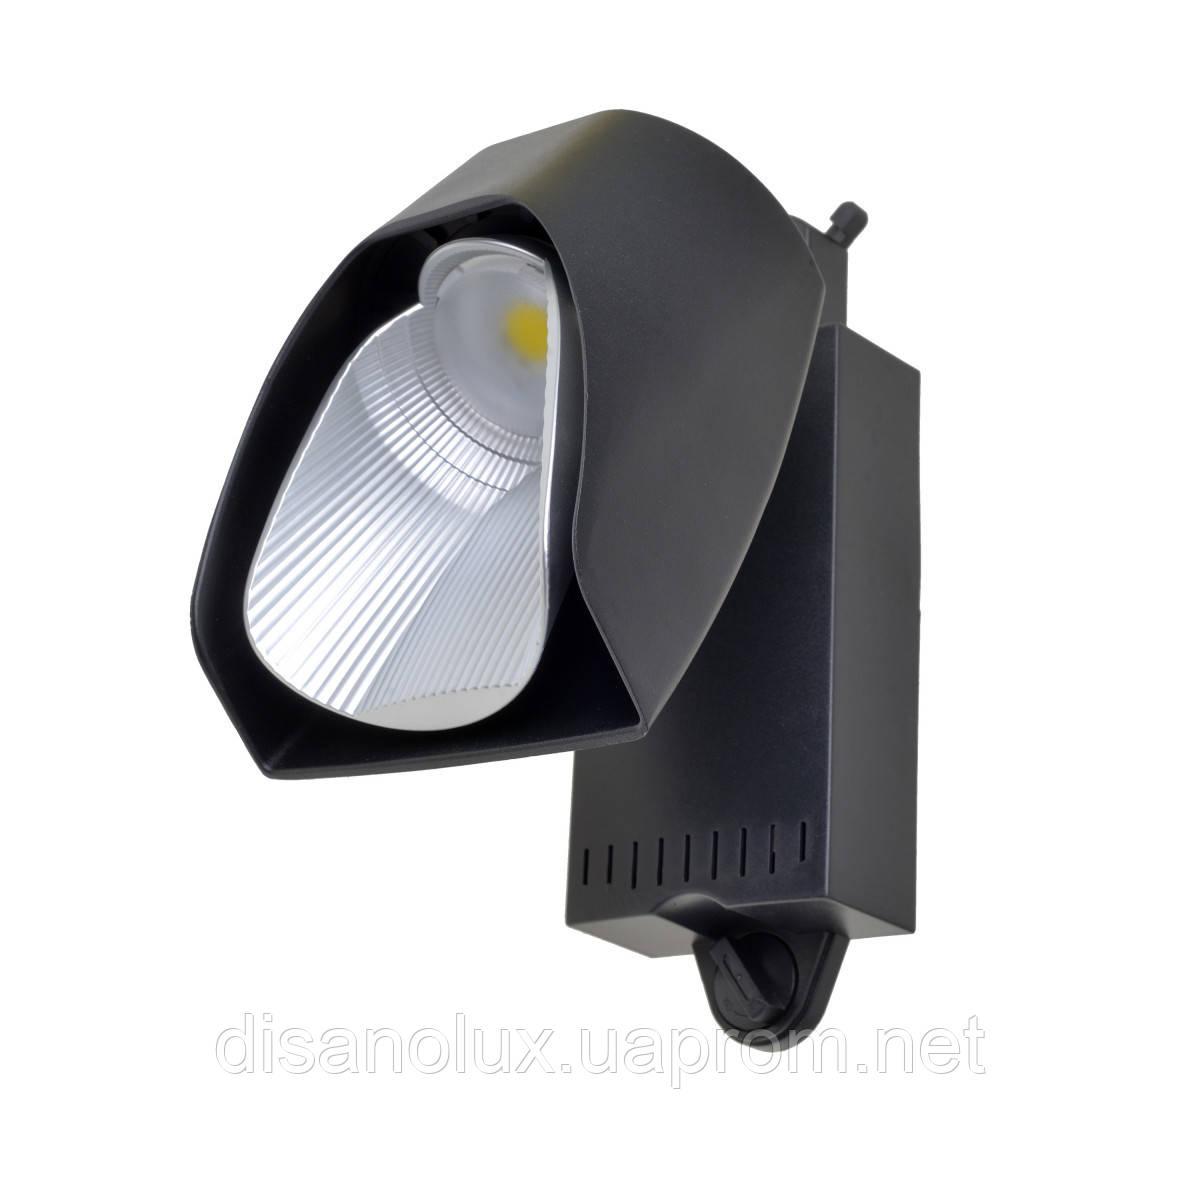 Светильник трековый поворотный LED светодиодный KW-227/40W NW BK